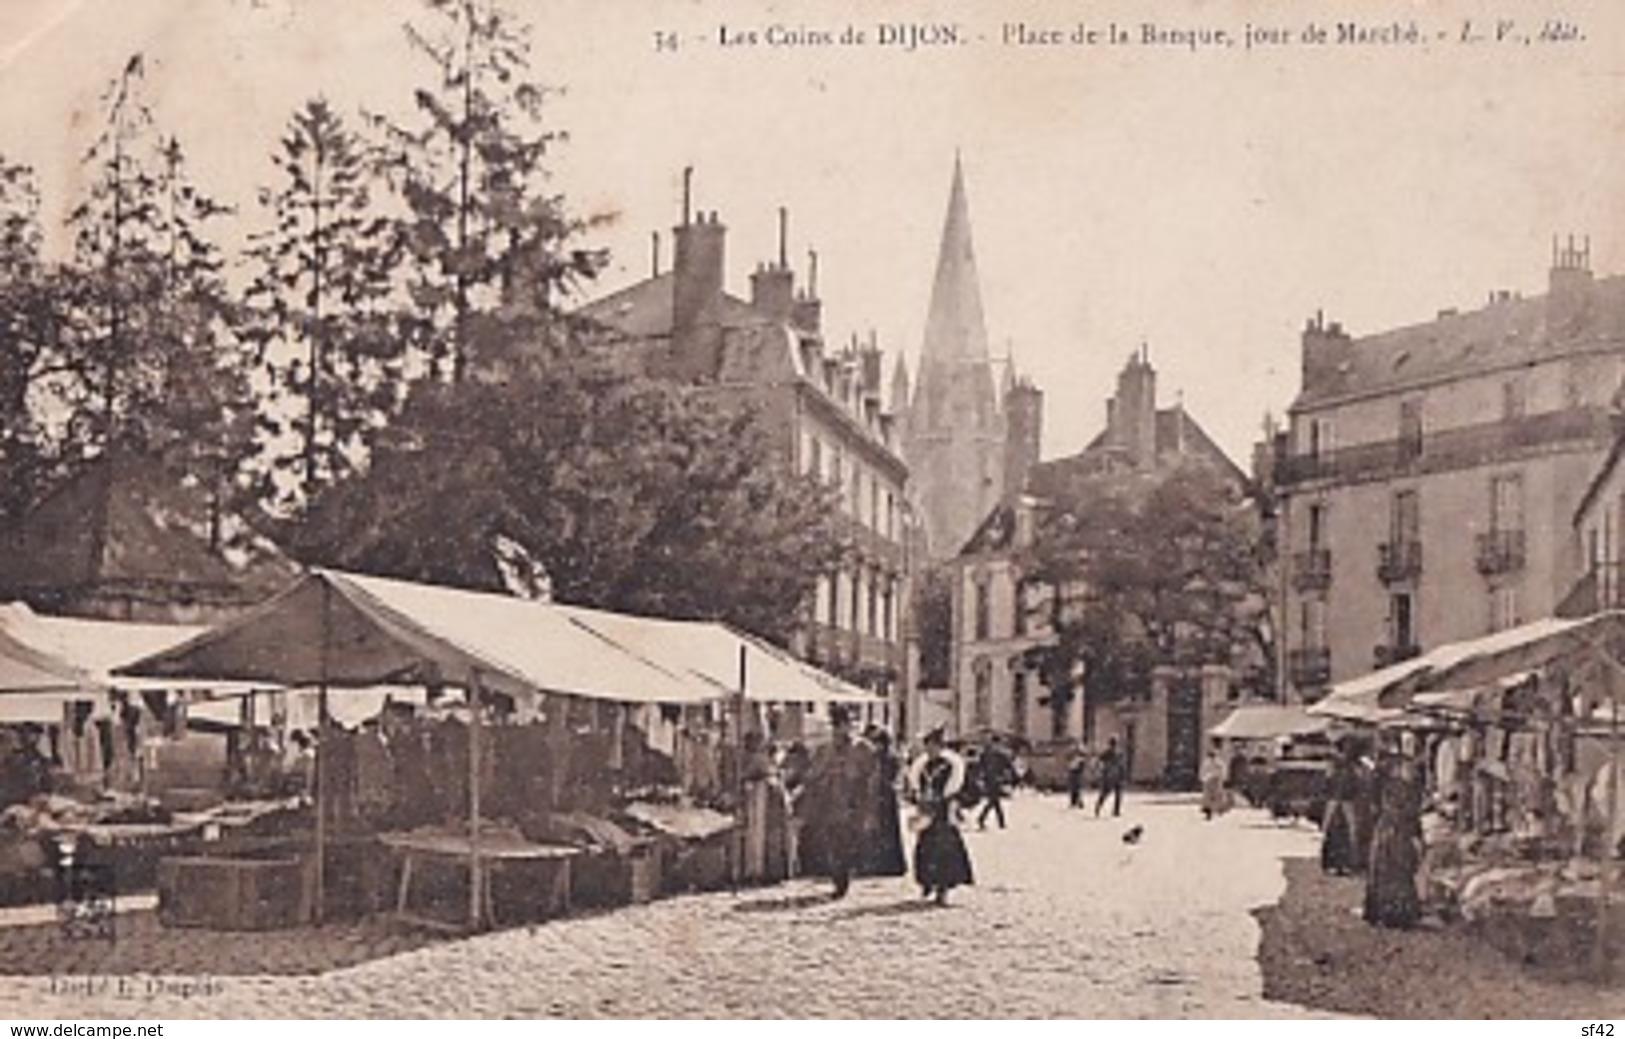 LES COINS DE DIJON        PLACE DE LA BANQUE. UN JOUR DE MARCHE - Dijon